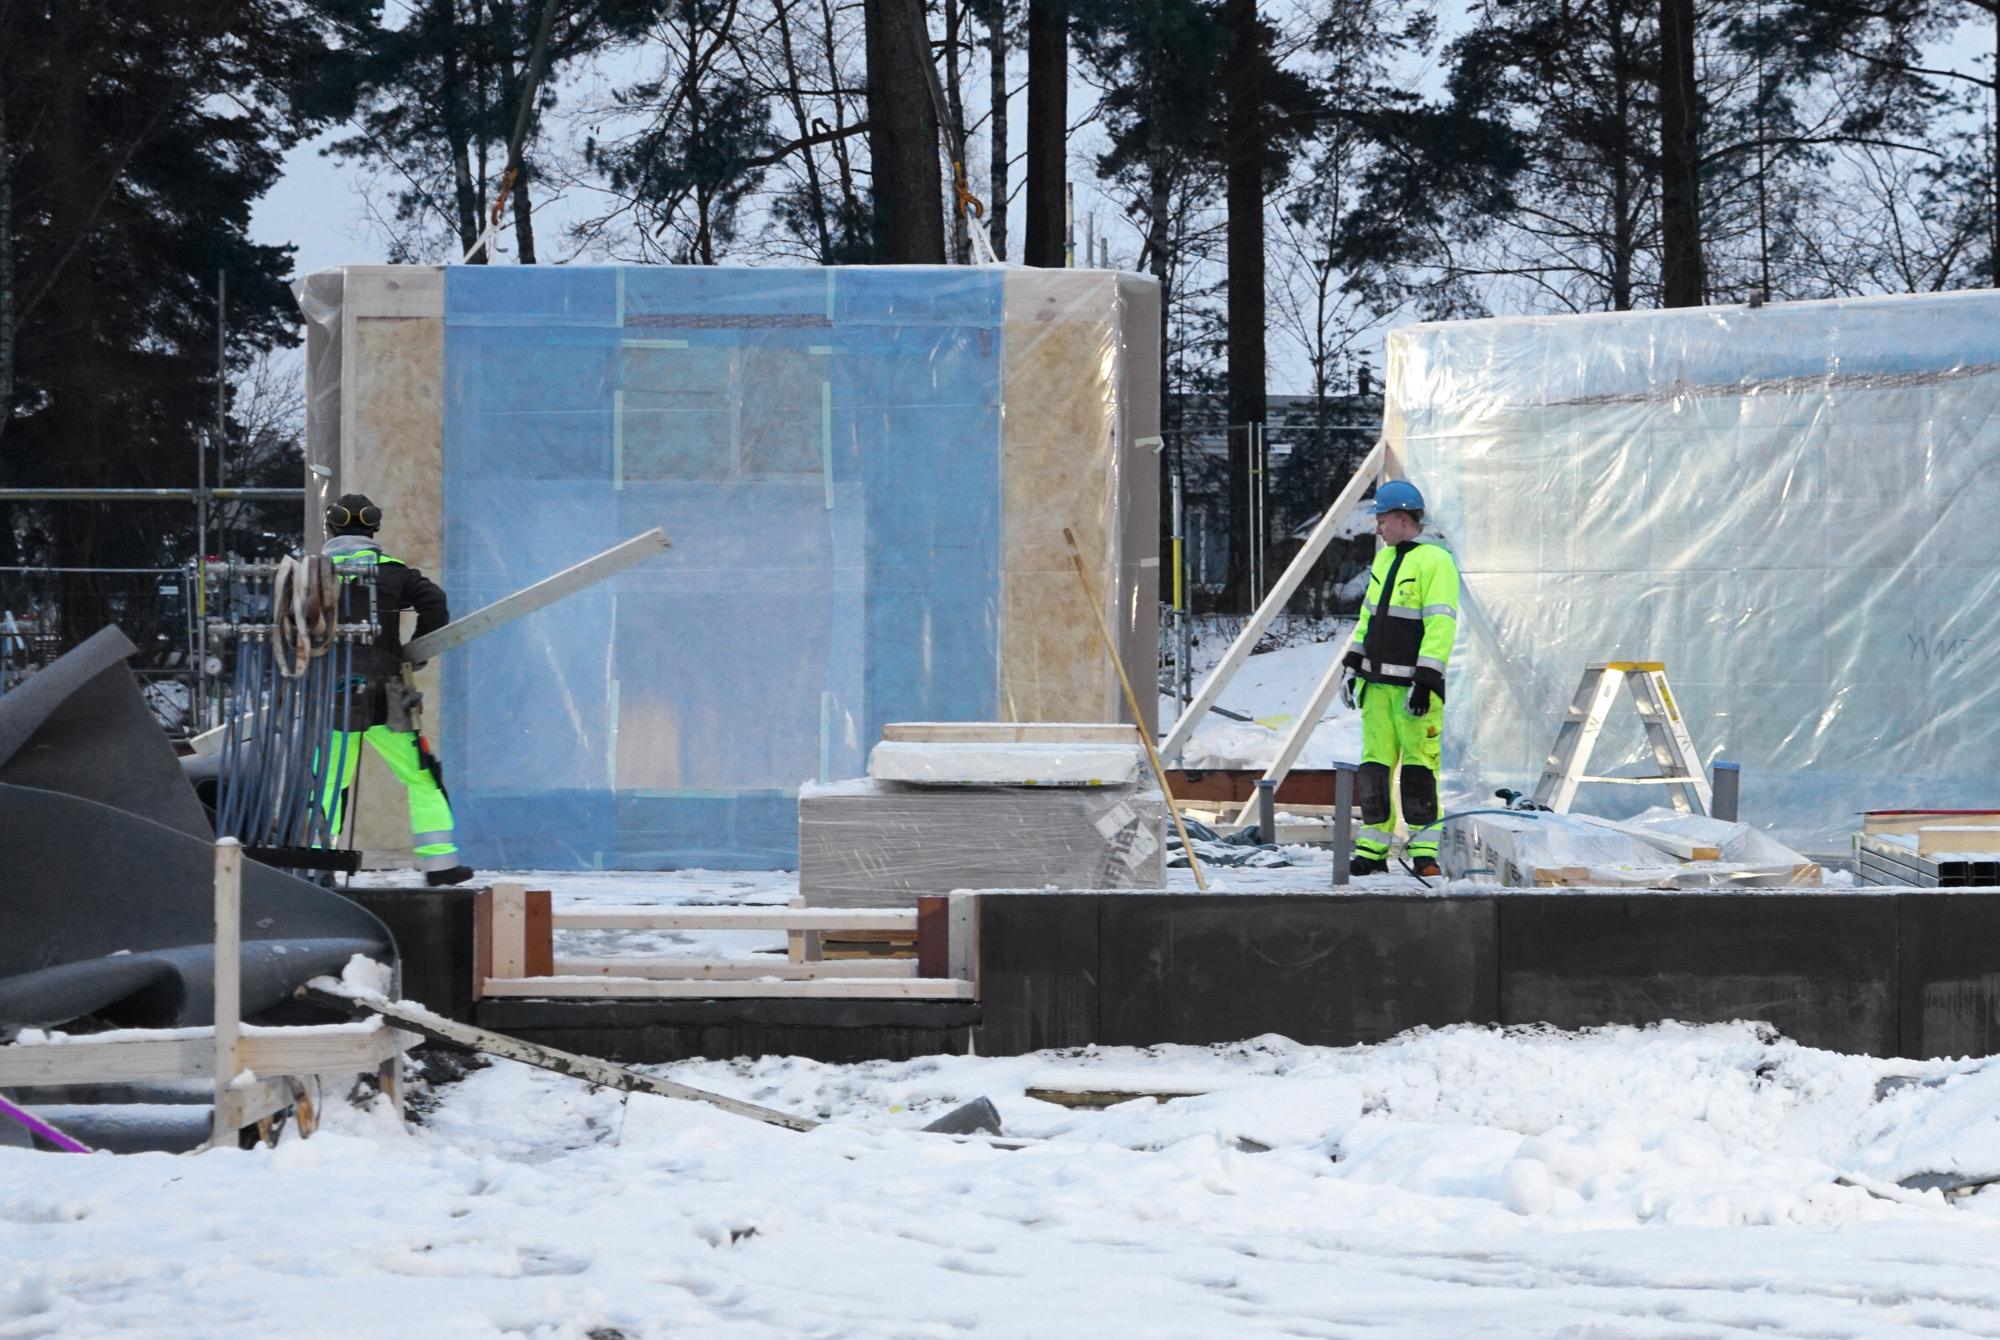 Heving & Hägglund - Byggprojekt - LSS Boende Skälby - Upplands Väsby